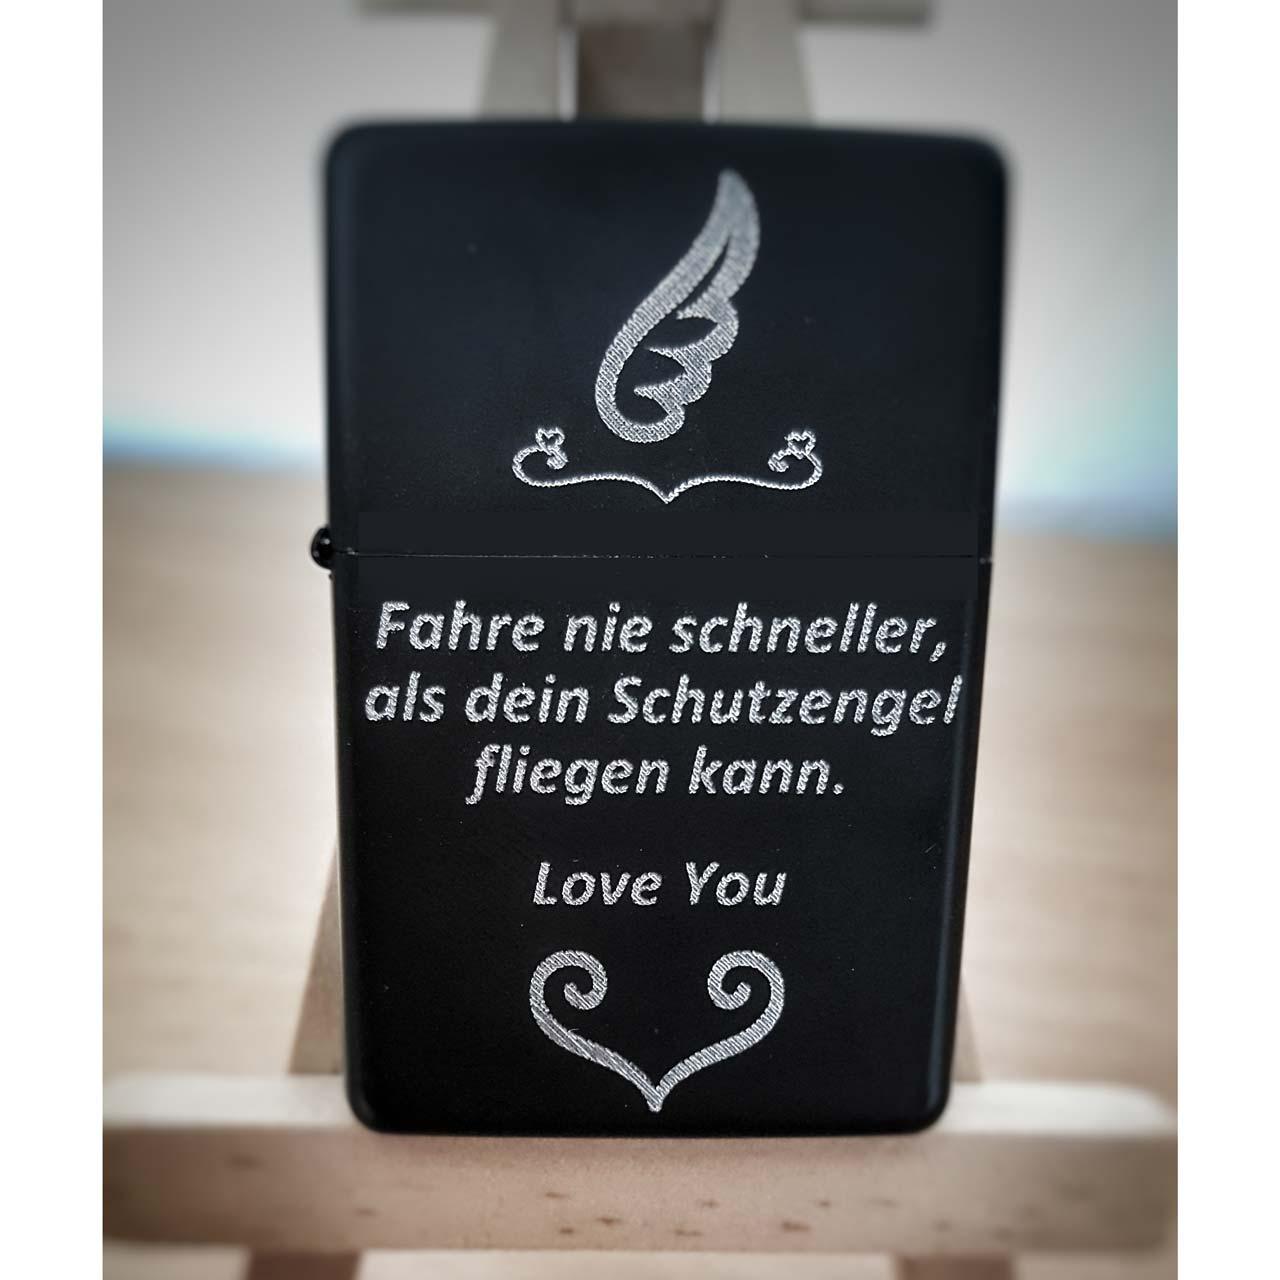 Elegant Schutzengel Sprüche Galerie Von Gravur Feuerzeug - Sprüche Und Redensarten |